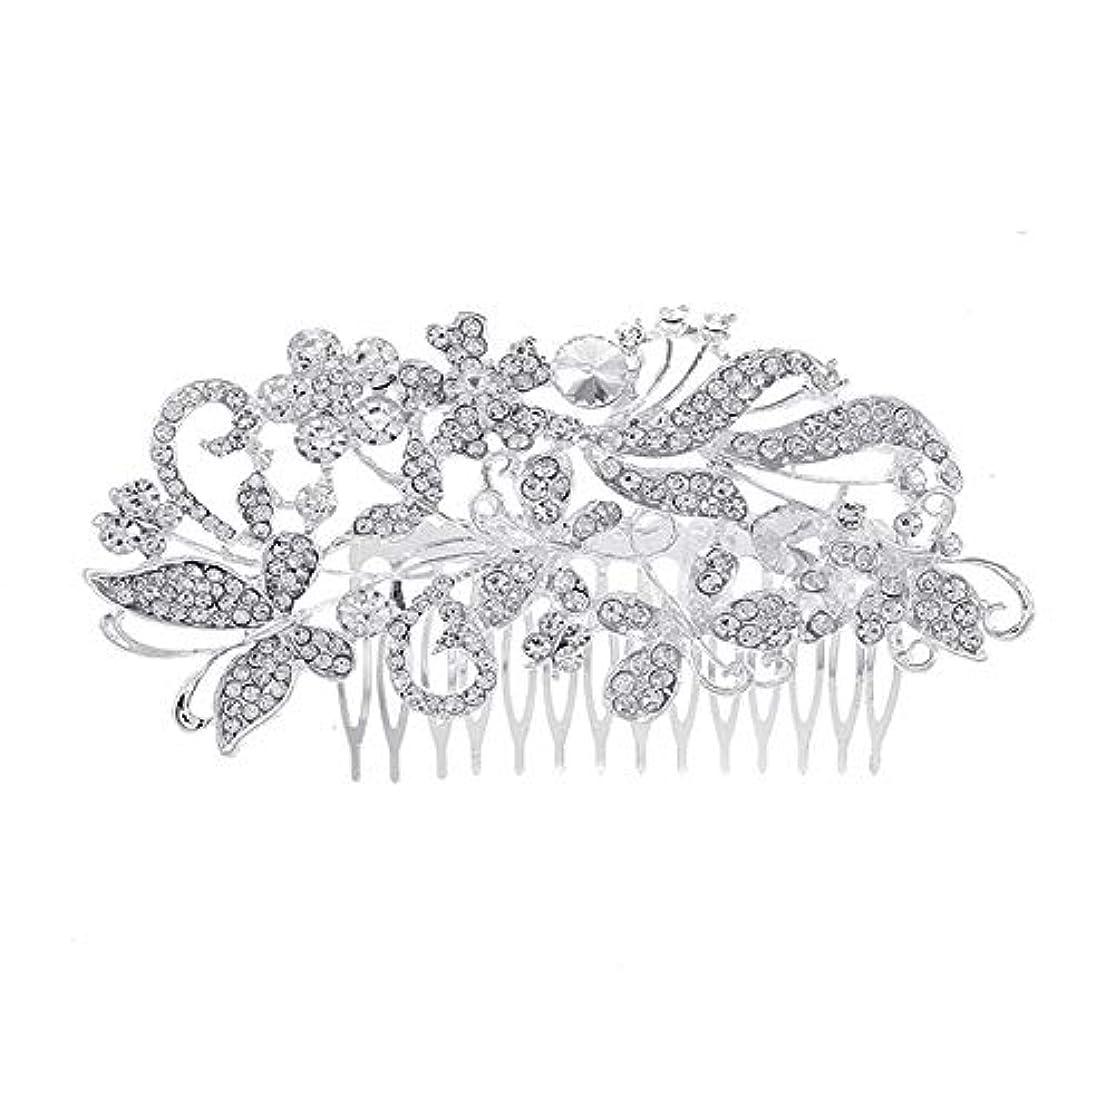 パンチ誠実さ合併症髪の櫛、櫛、花嫁の髪の櫛、亜鉛合金、結婚式のアクセサリー、櫛